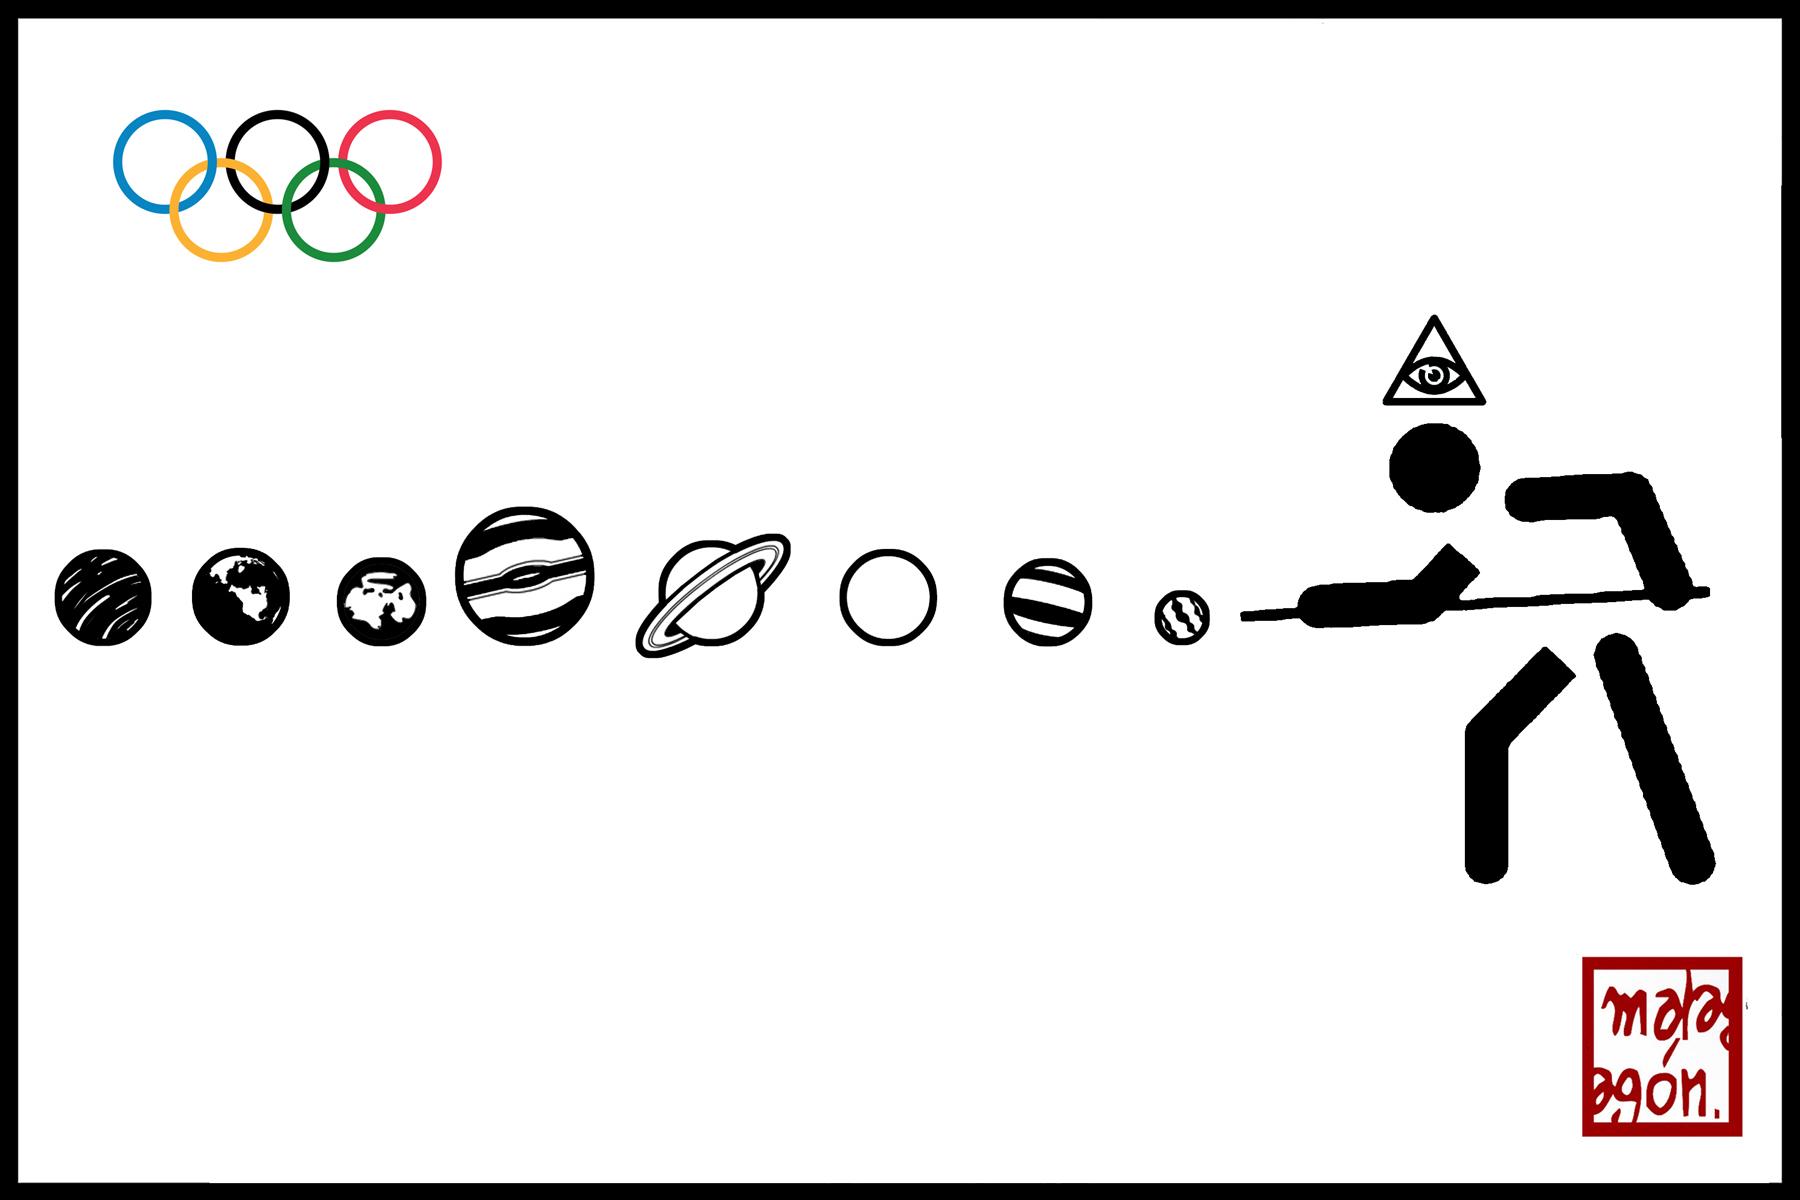 <p>Juegos Olímpicos, billar.</p>